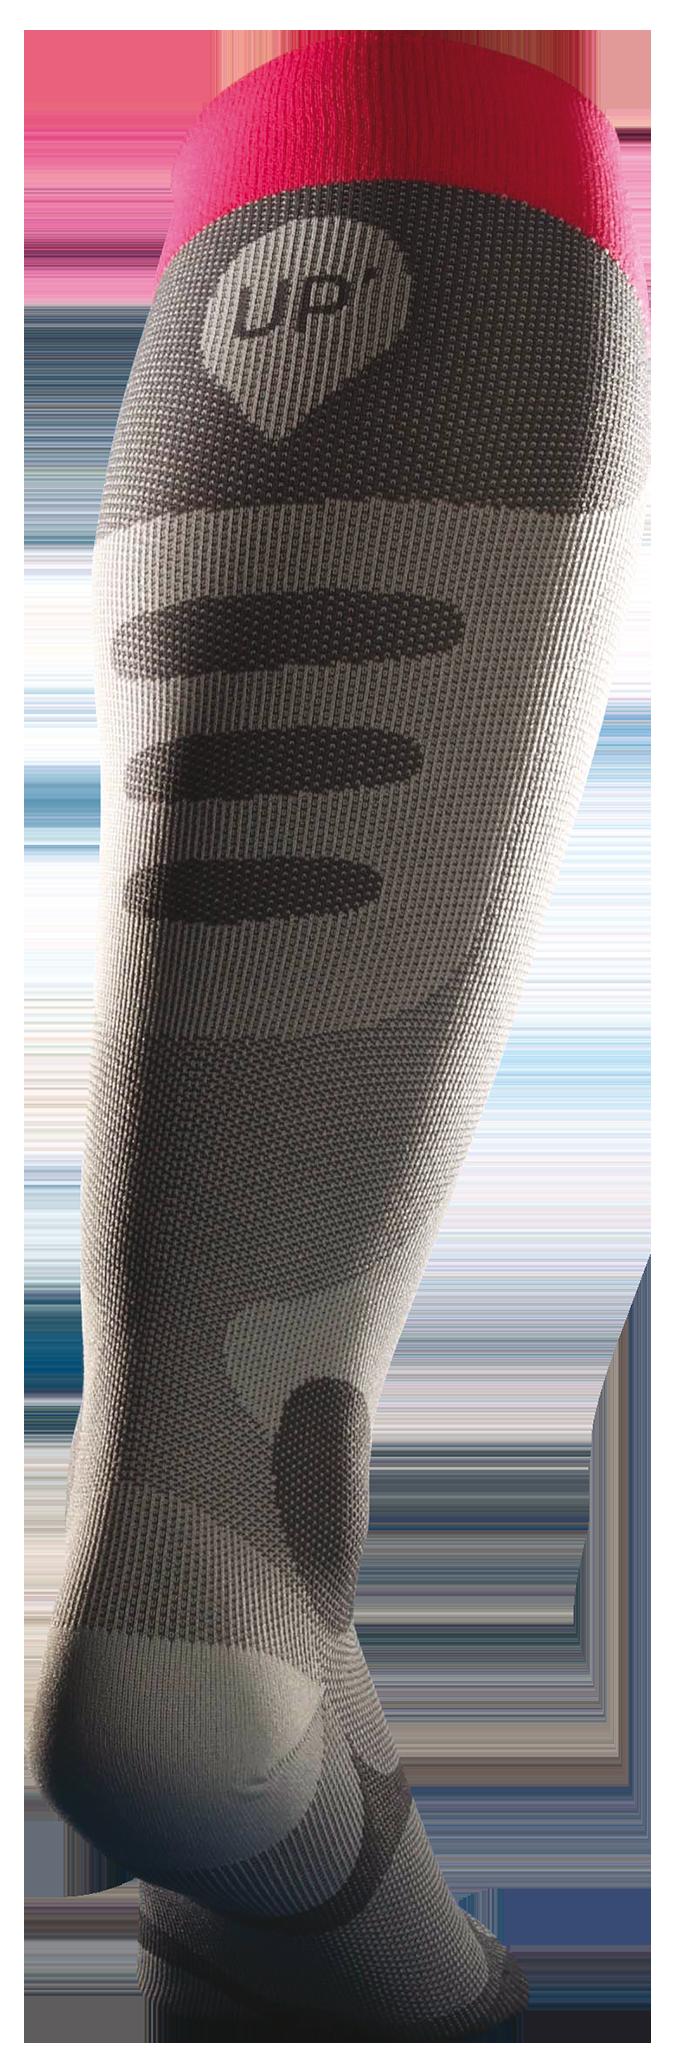 chaussettes_récupération_thuasne_Sport_running_runpack_3